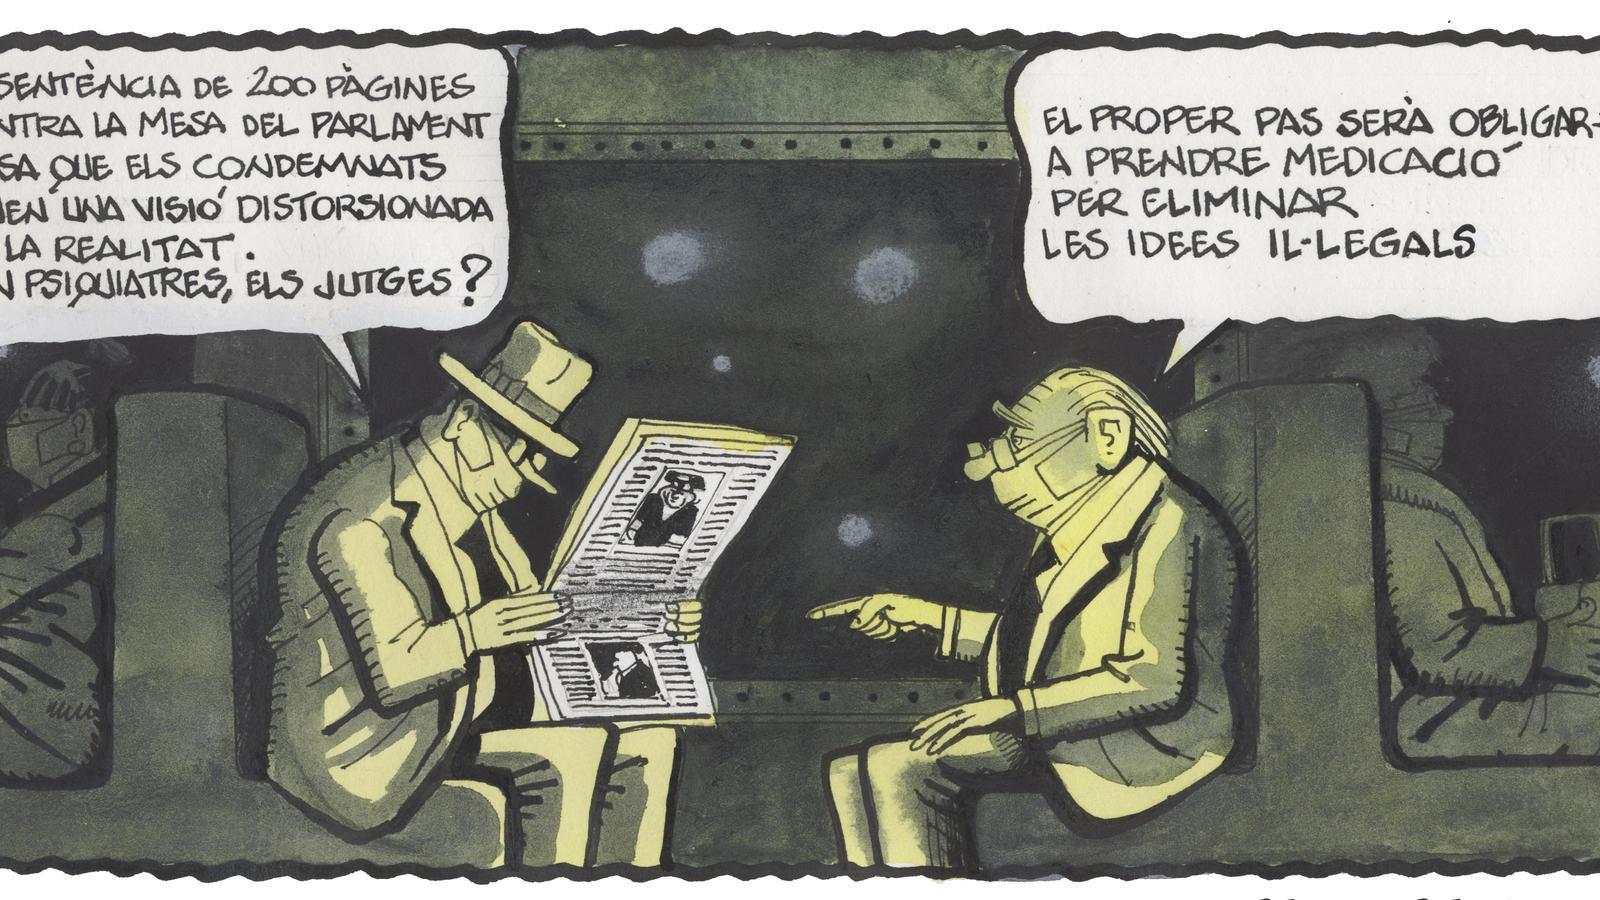 'A la contra', per Ferreres 23/10/2020